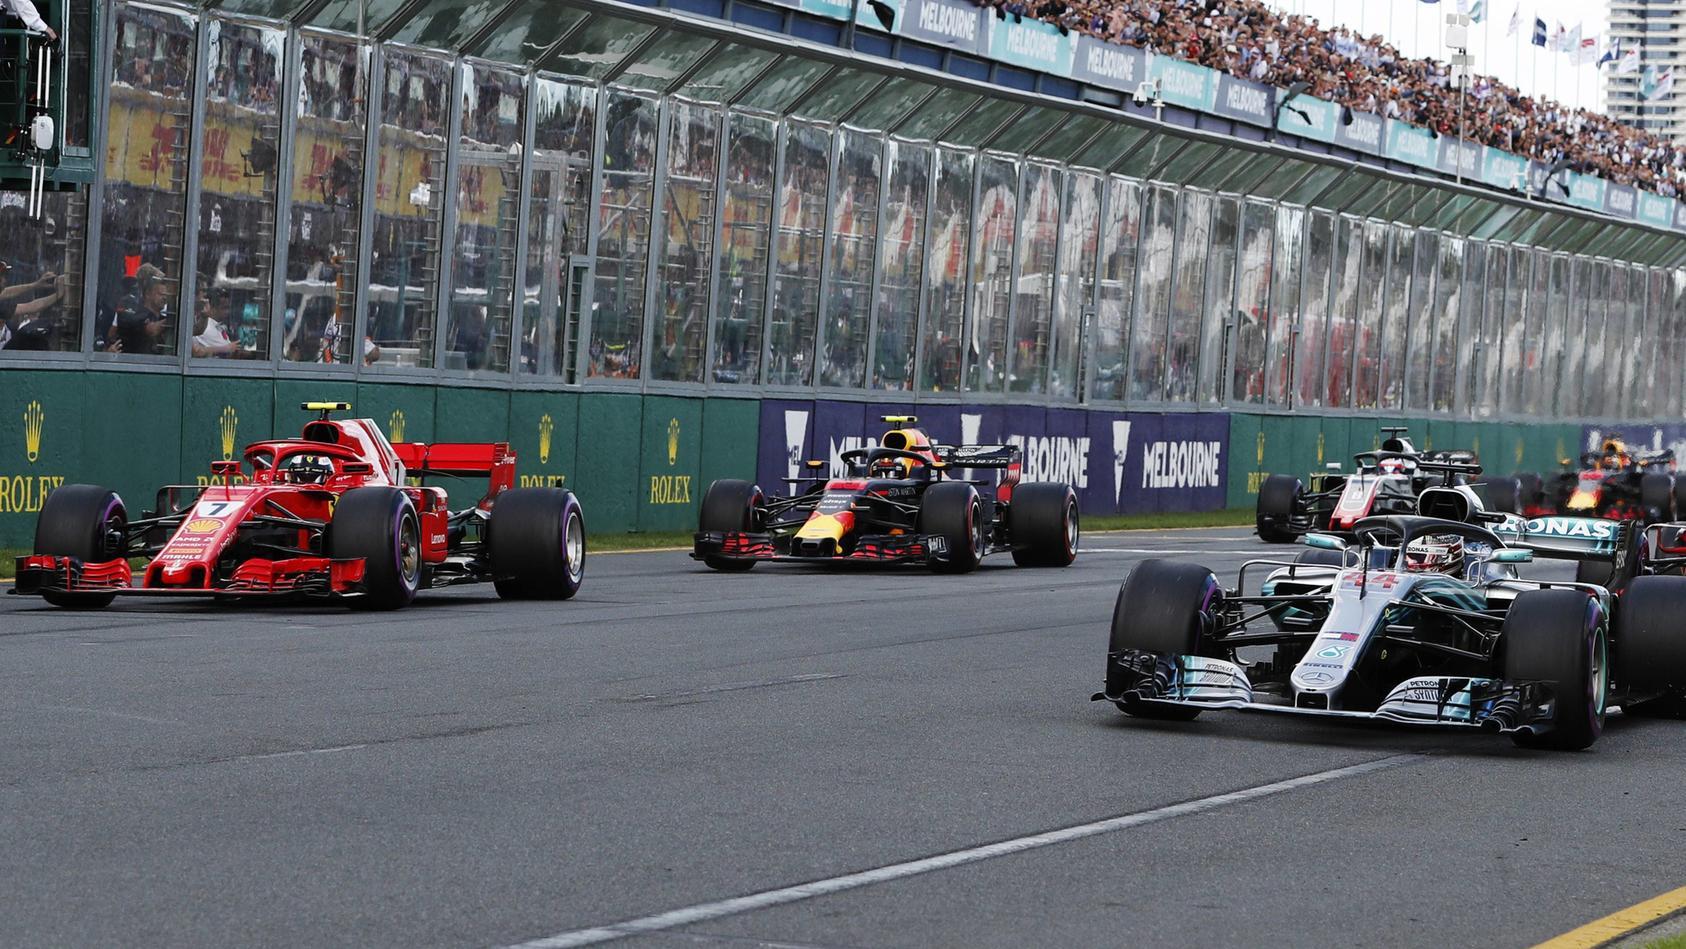 Vor allem Mercedes, Ferrari und Red Bull müssen den Sparkurs der Formel 1 fürchten